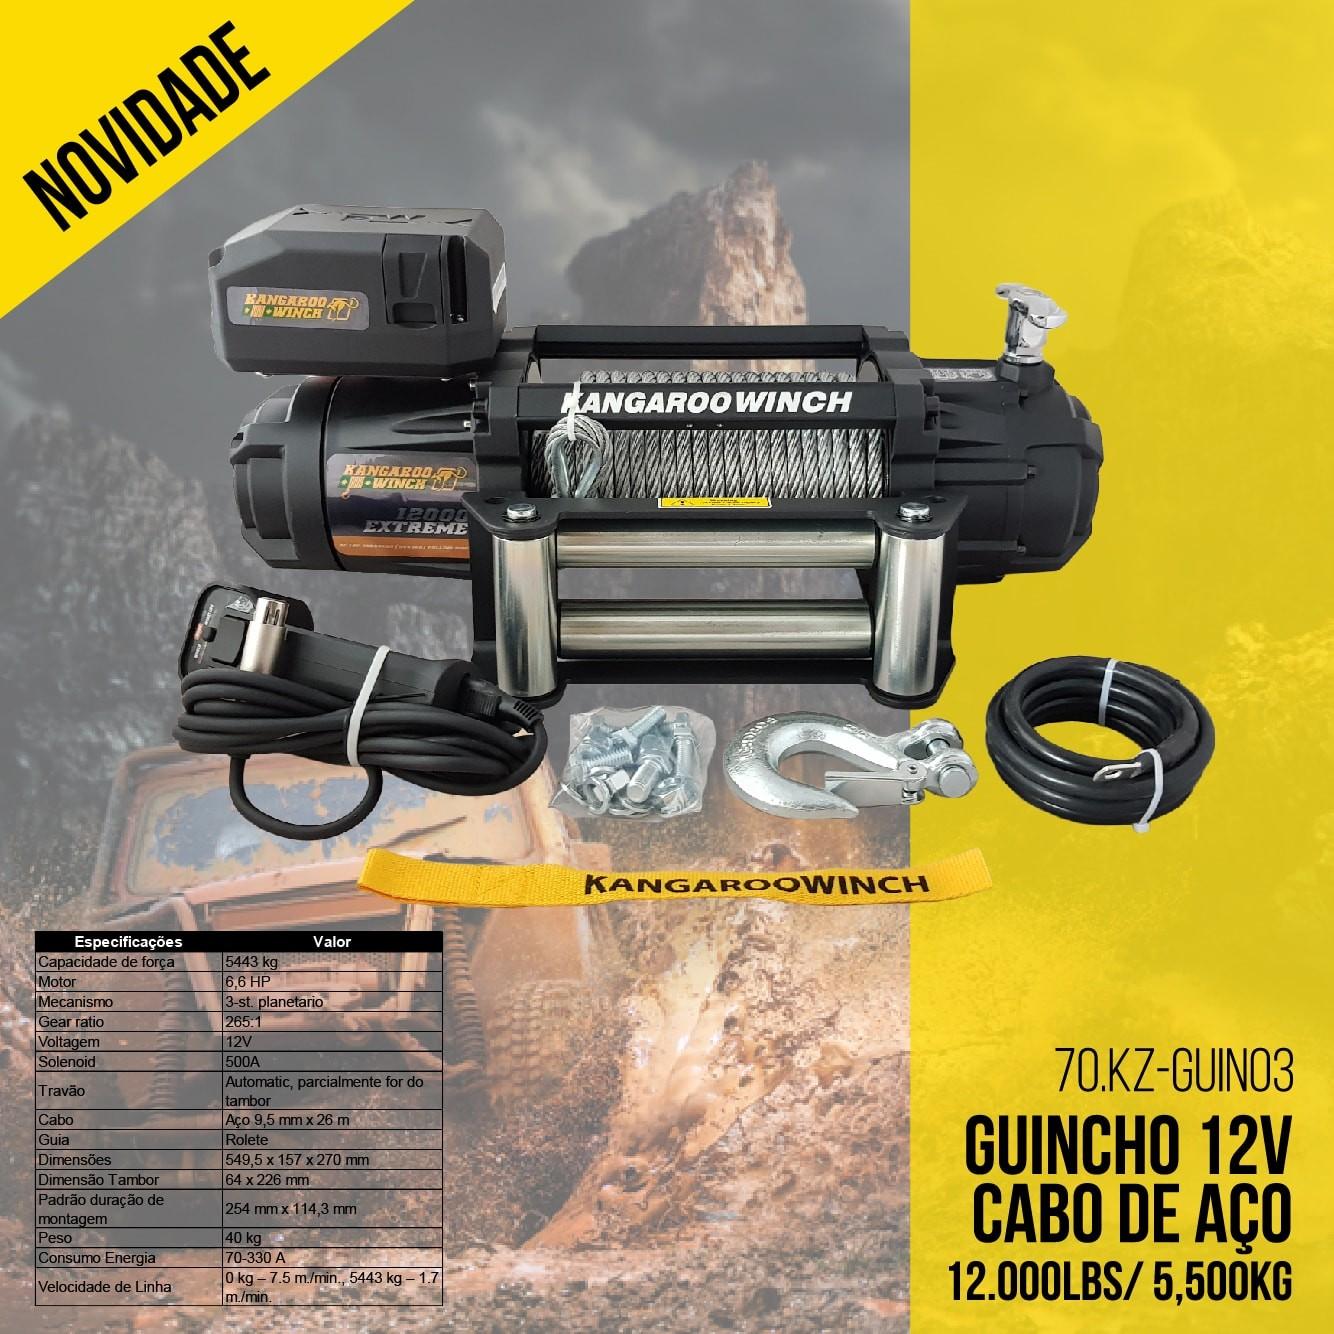 Guincho 12V Cabo De Aço 12.000Lbs/ 5,500Kg